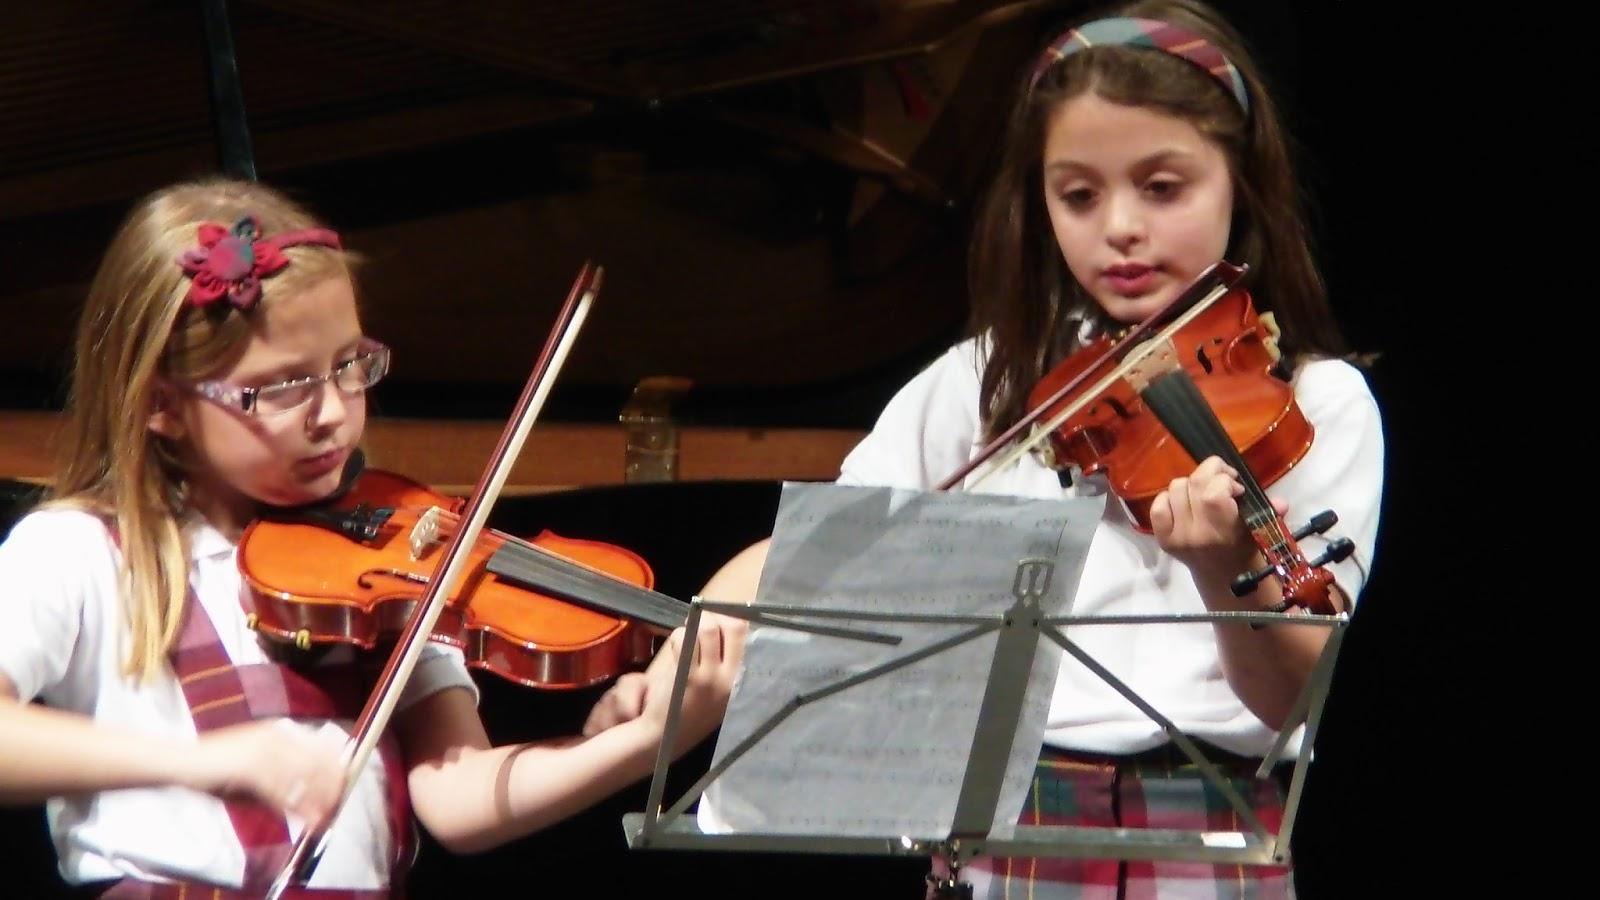 Colegio obradoiro conservatorio de m sica for Conservatorio de musica